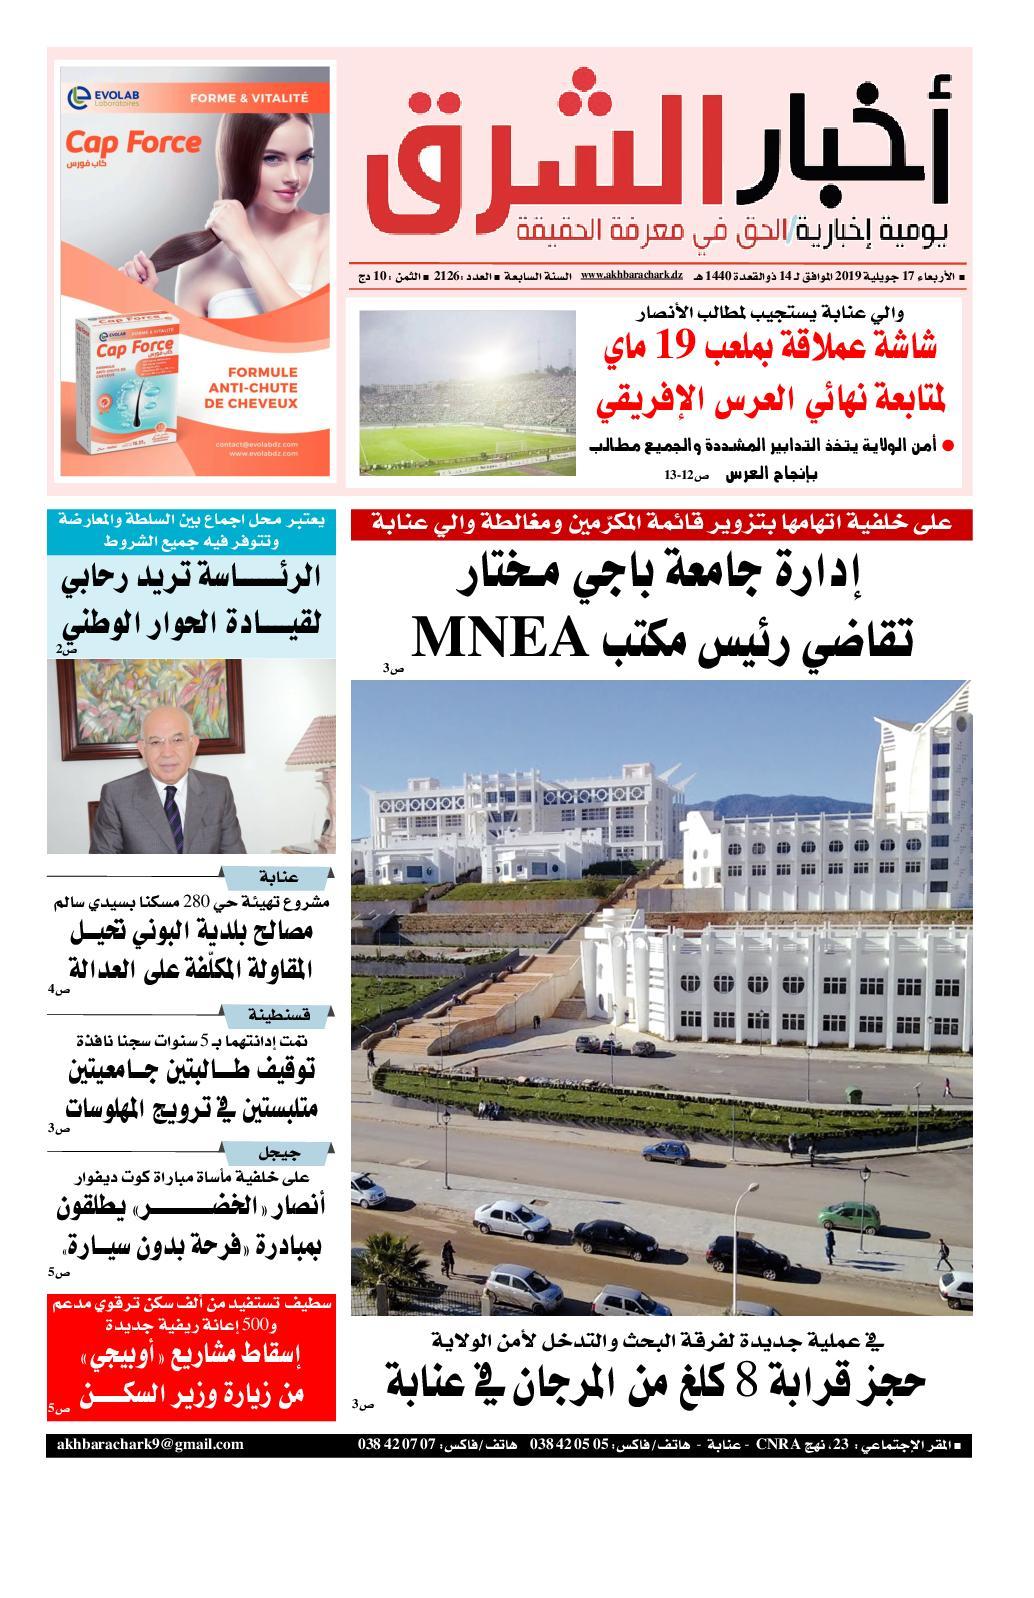 أخبار اشرق2126